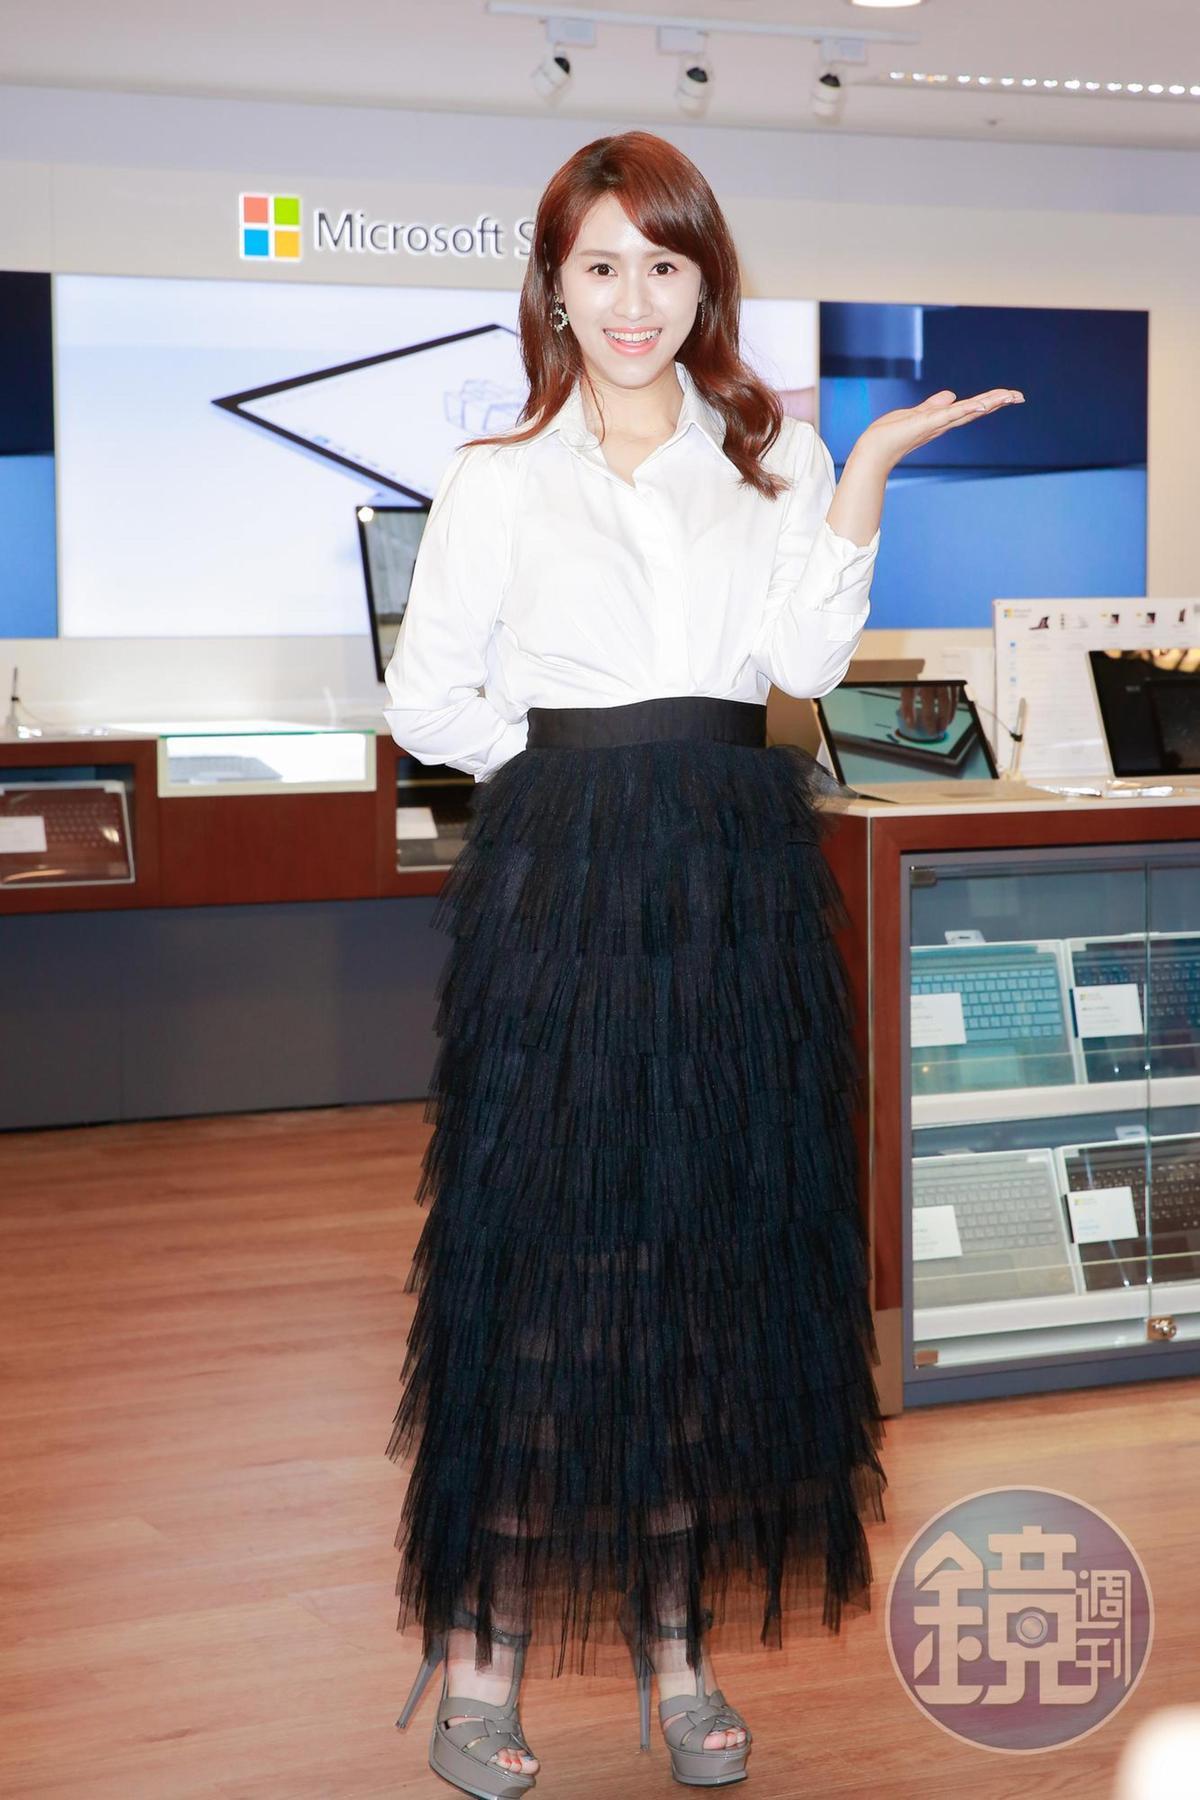 爸爸吳宗憲演唱會與多人同日對打,Sandy吳姍儒說自己目前「以不上台為原則」,但她其實最想去陳曉東演唱會。